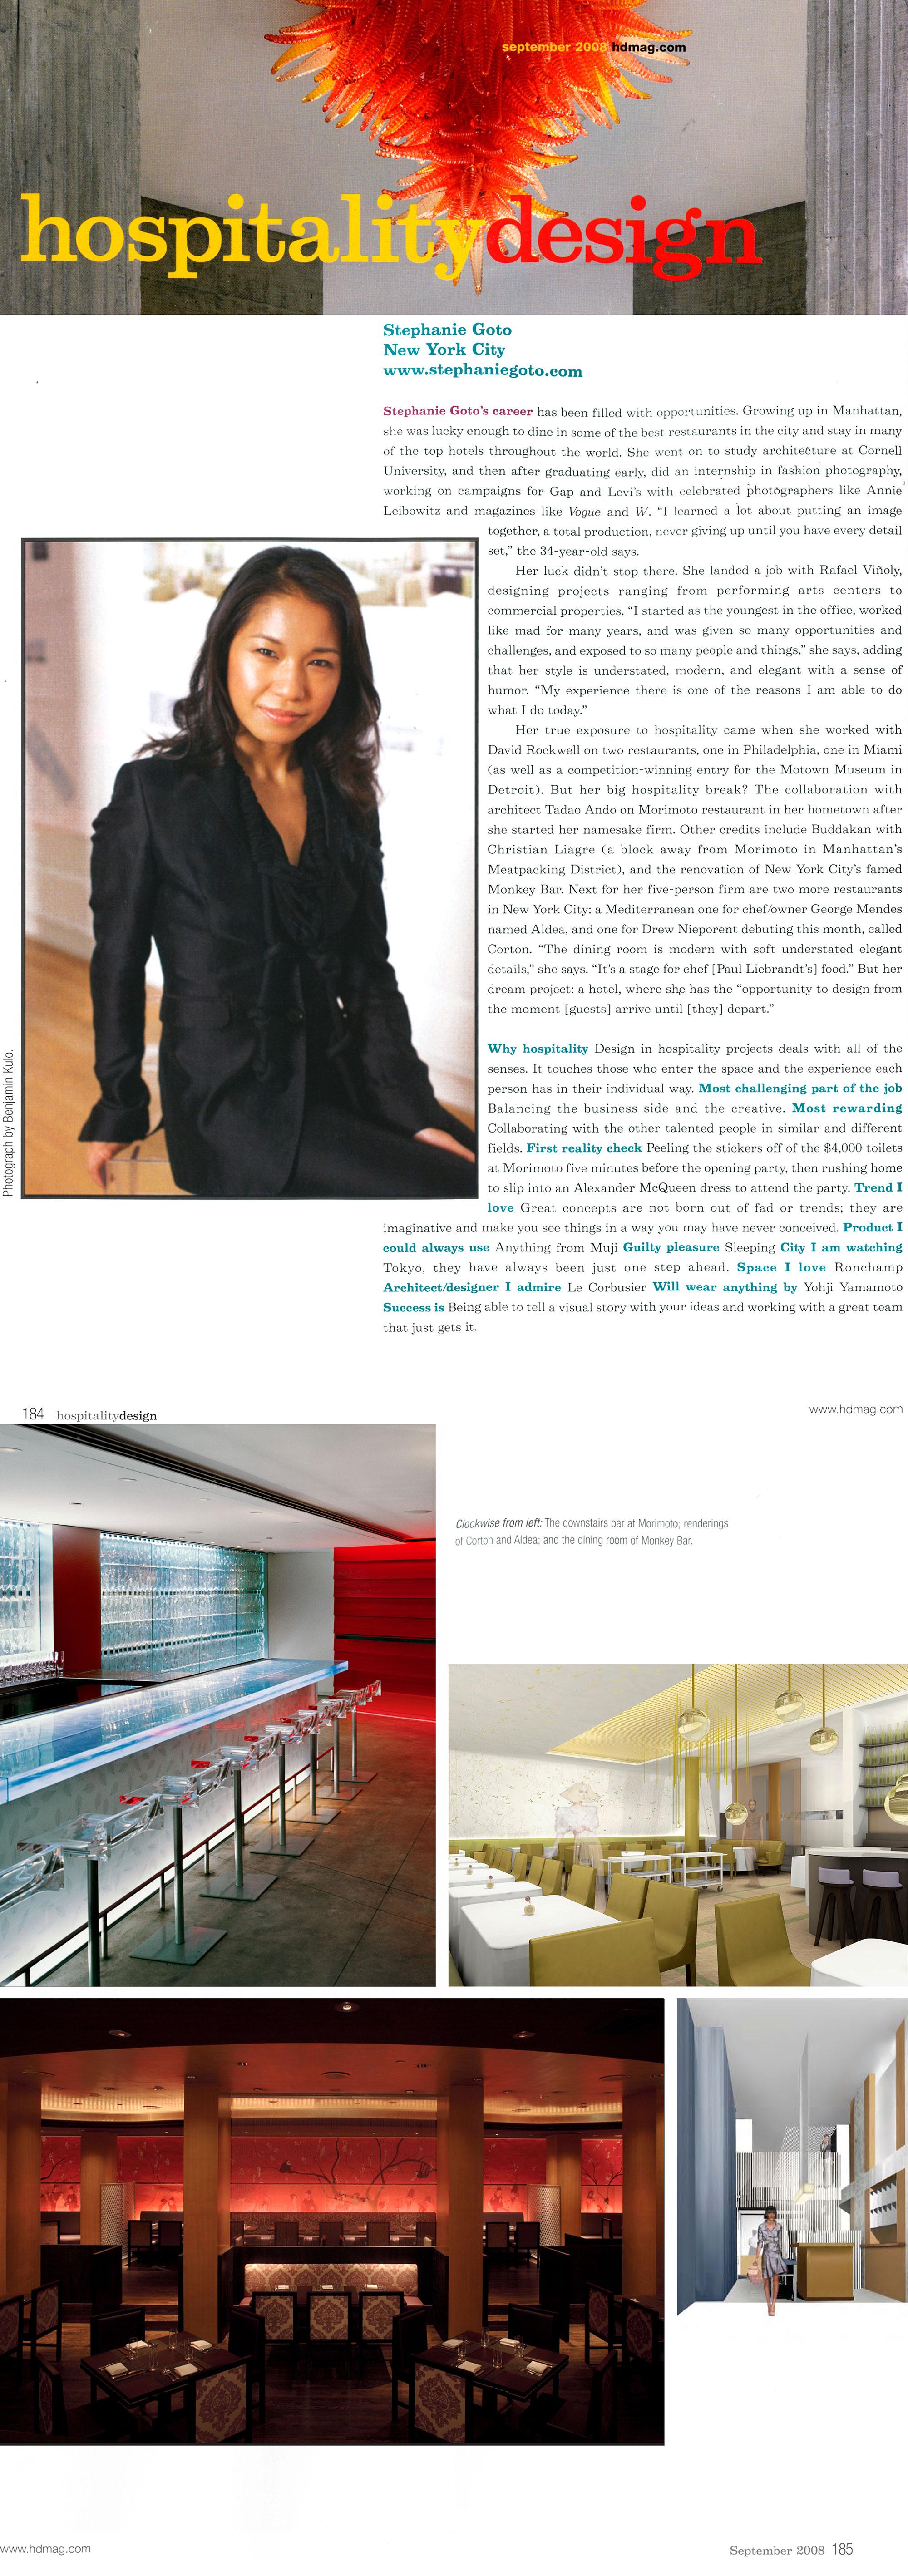 23-2008-09-GOTO-Hospitality-Design.jpg